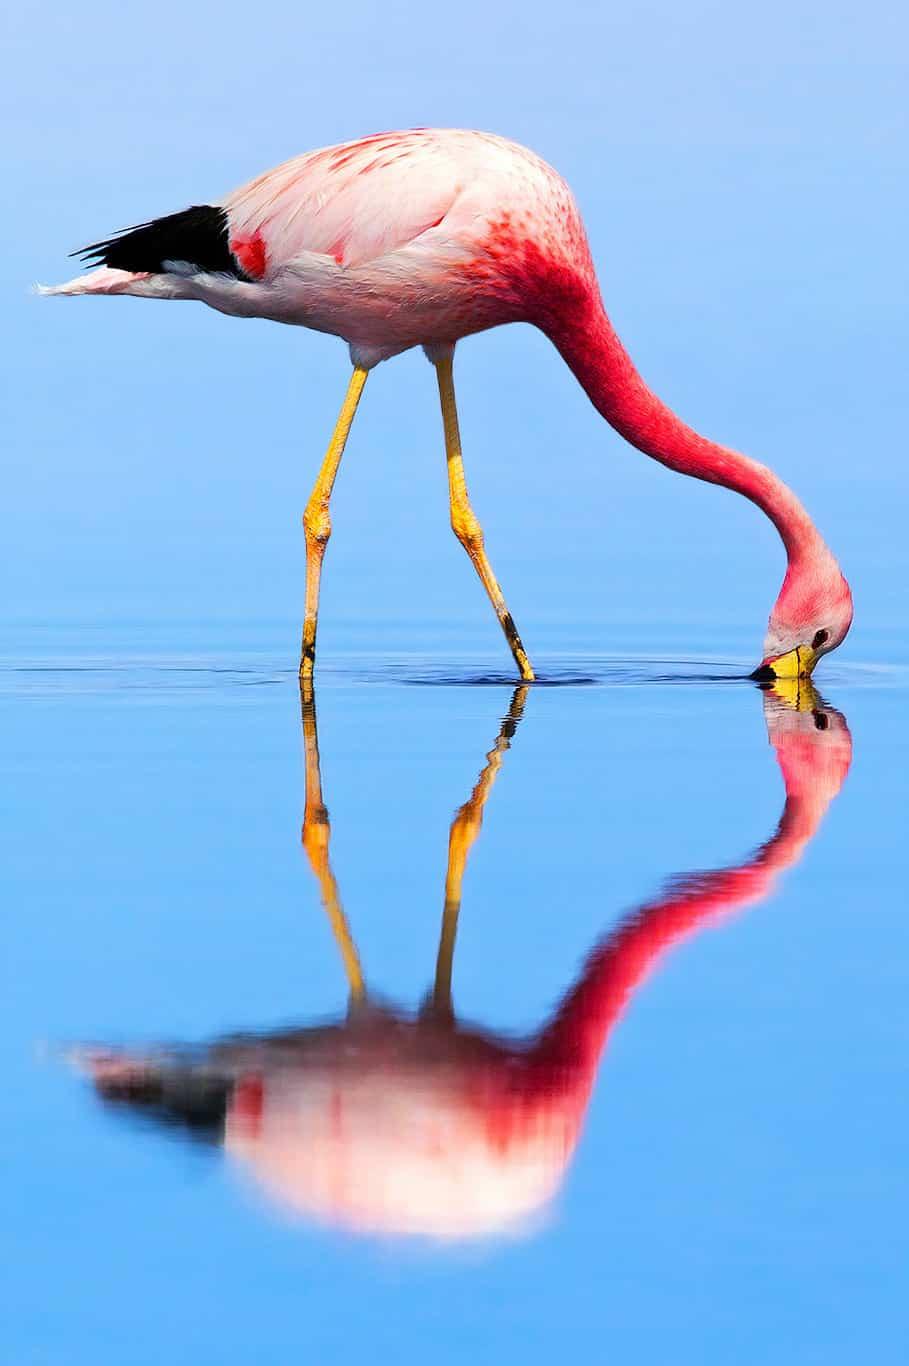 Flamingo in Laguna Chaxa, Chile